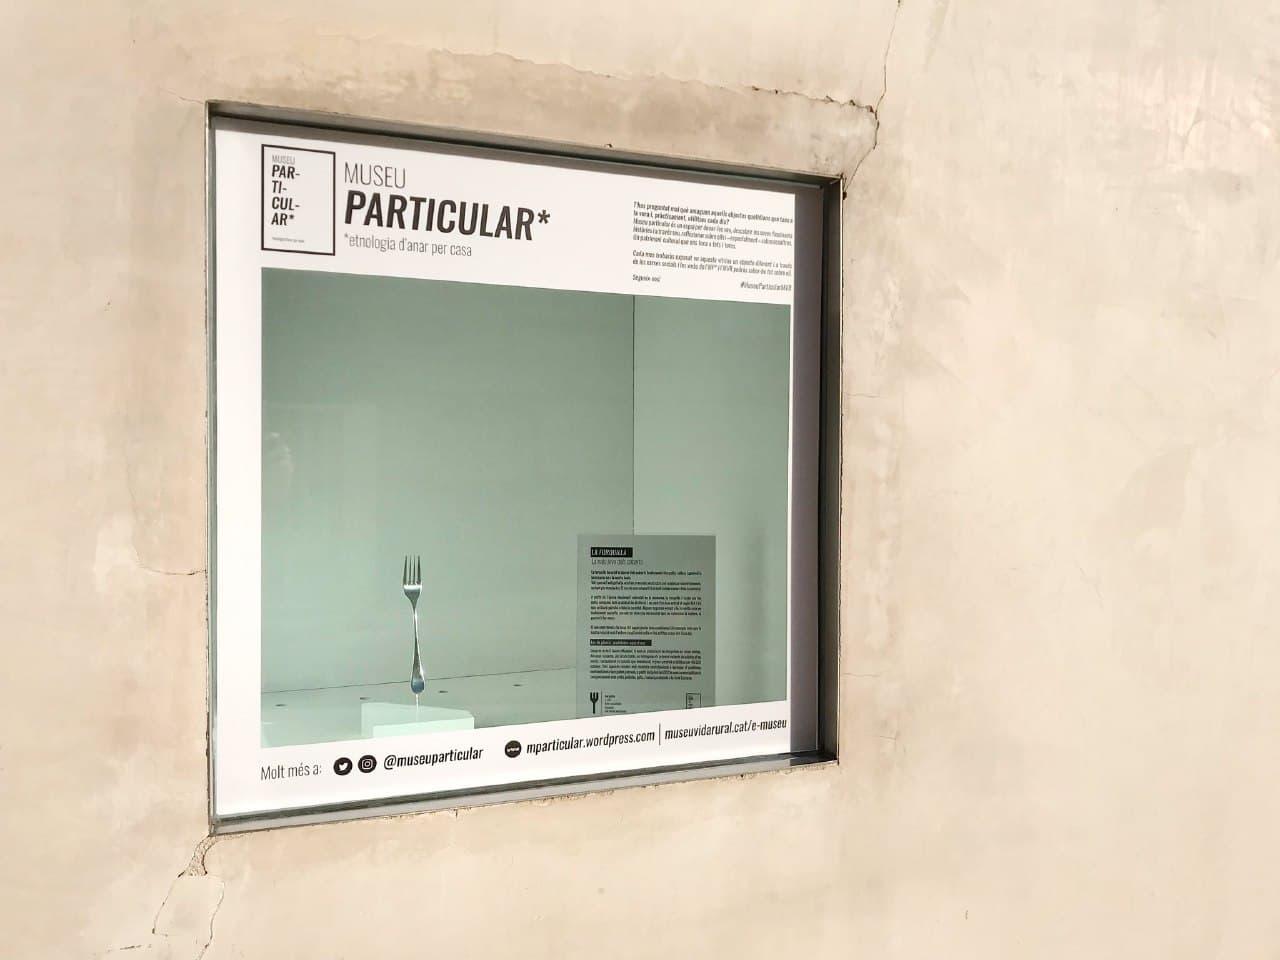 В Каталонии появился музей с единственным экспонатом. Он вдохновлен локдауном